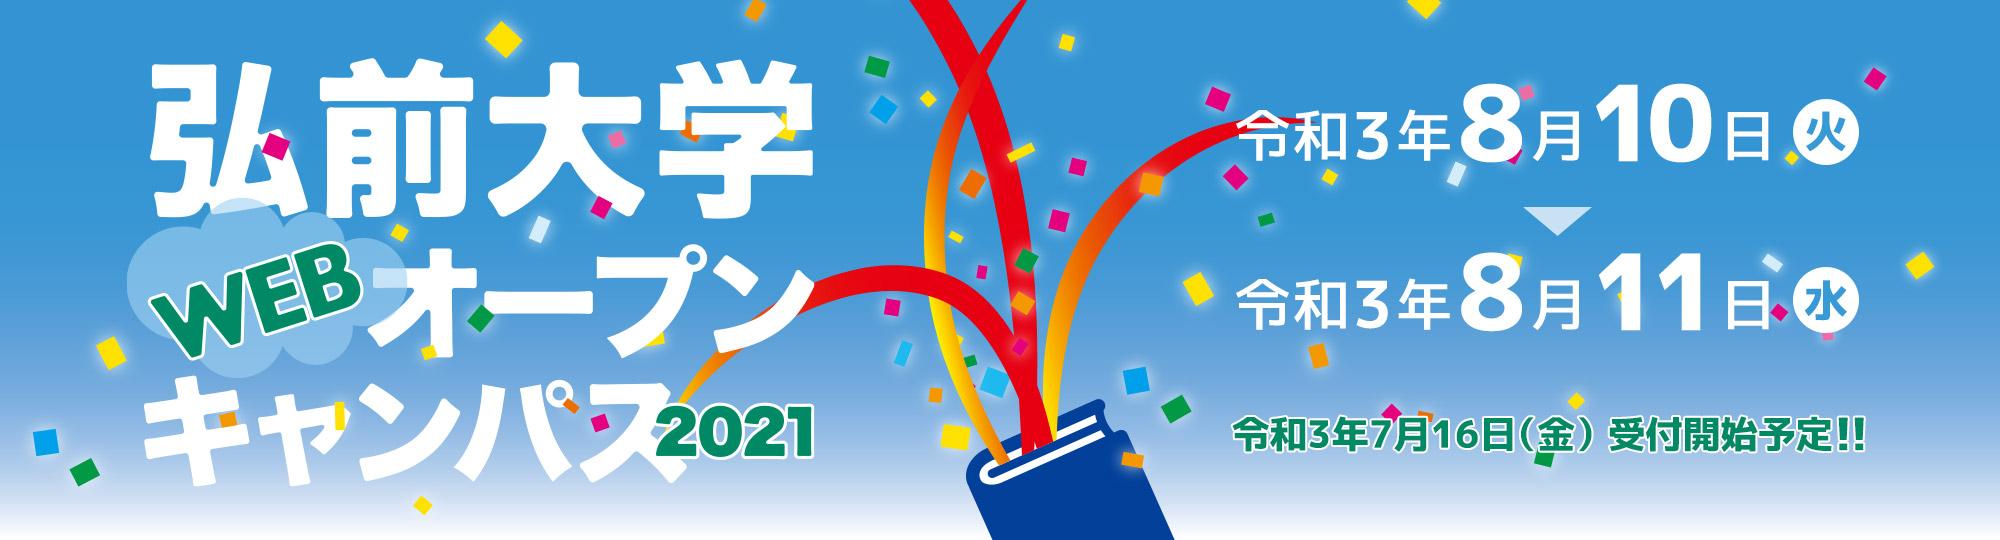 弘前大学WEBオープンキャンパス2021開催決定